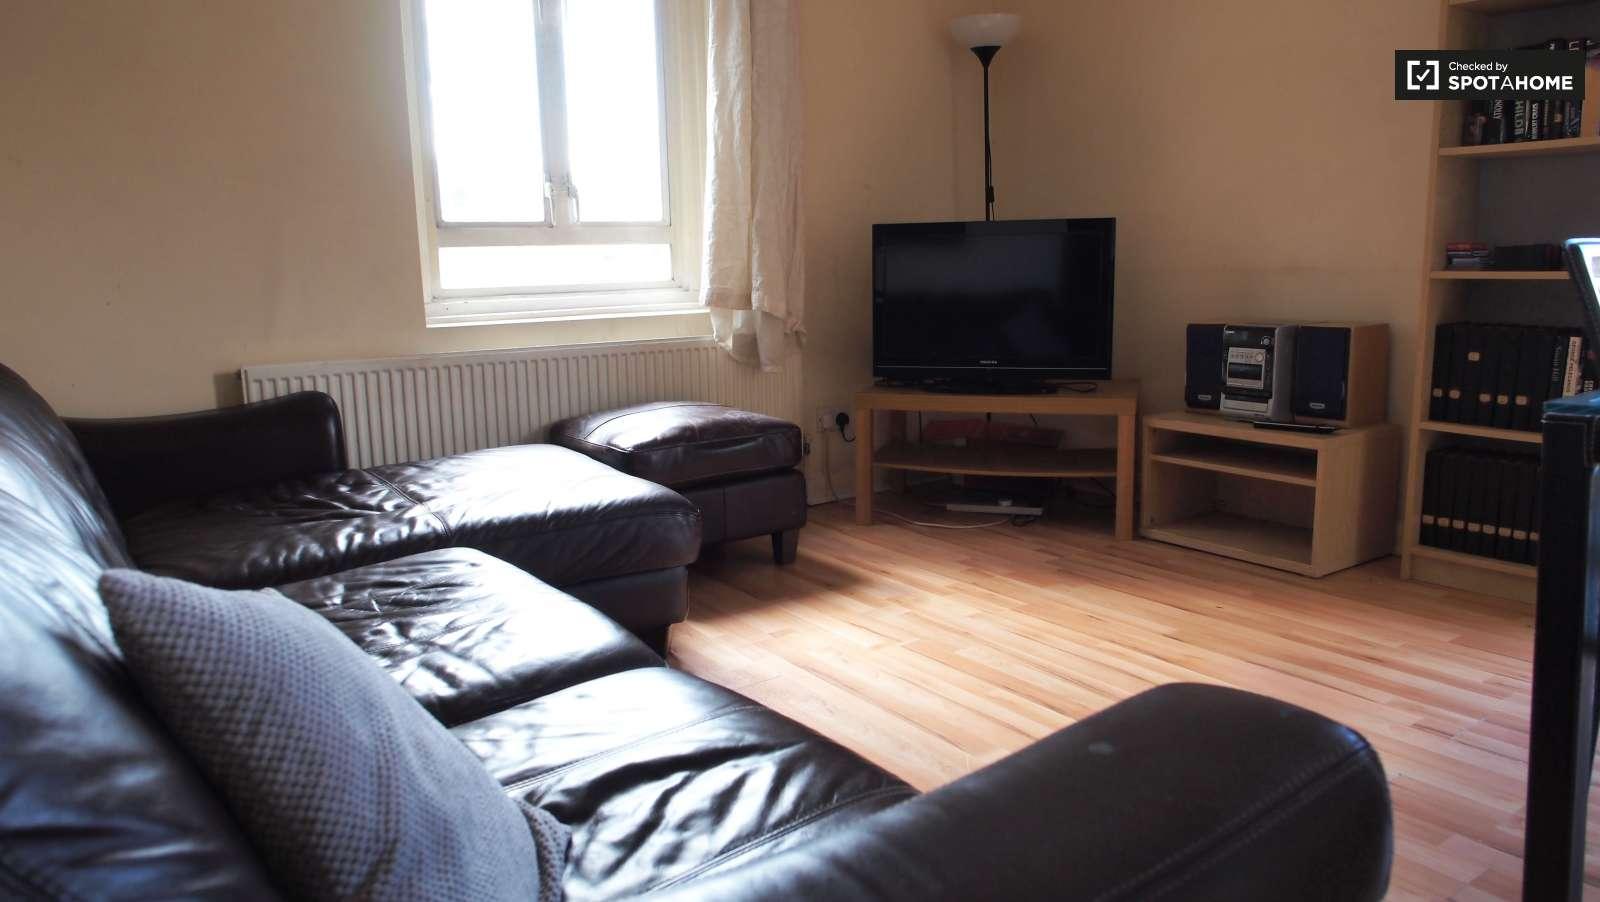 Rooms To Rent In Harlesden